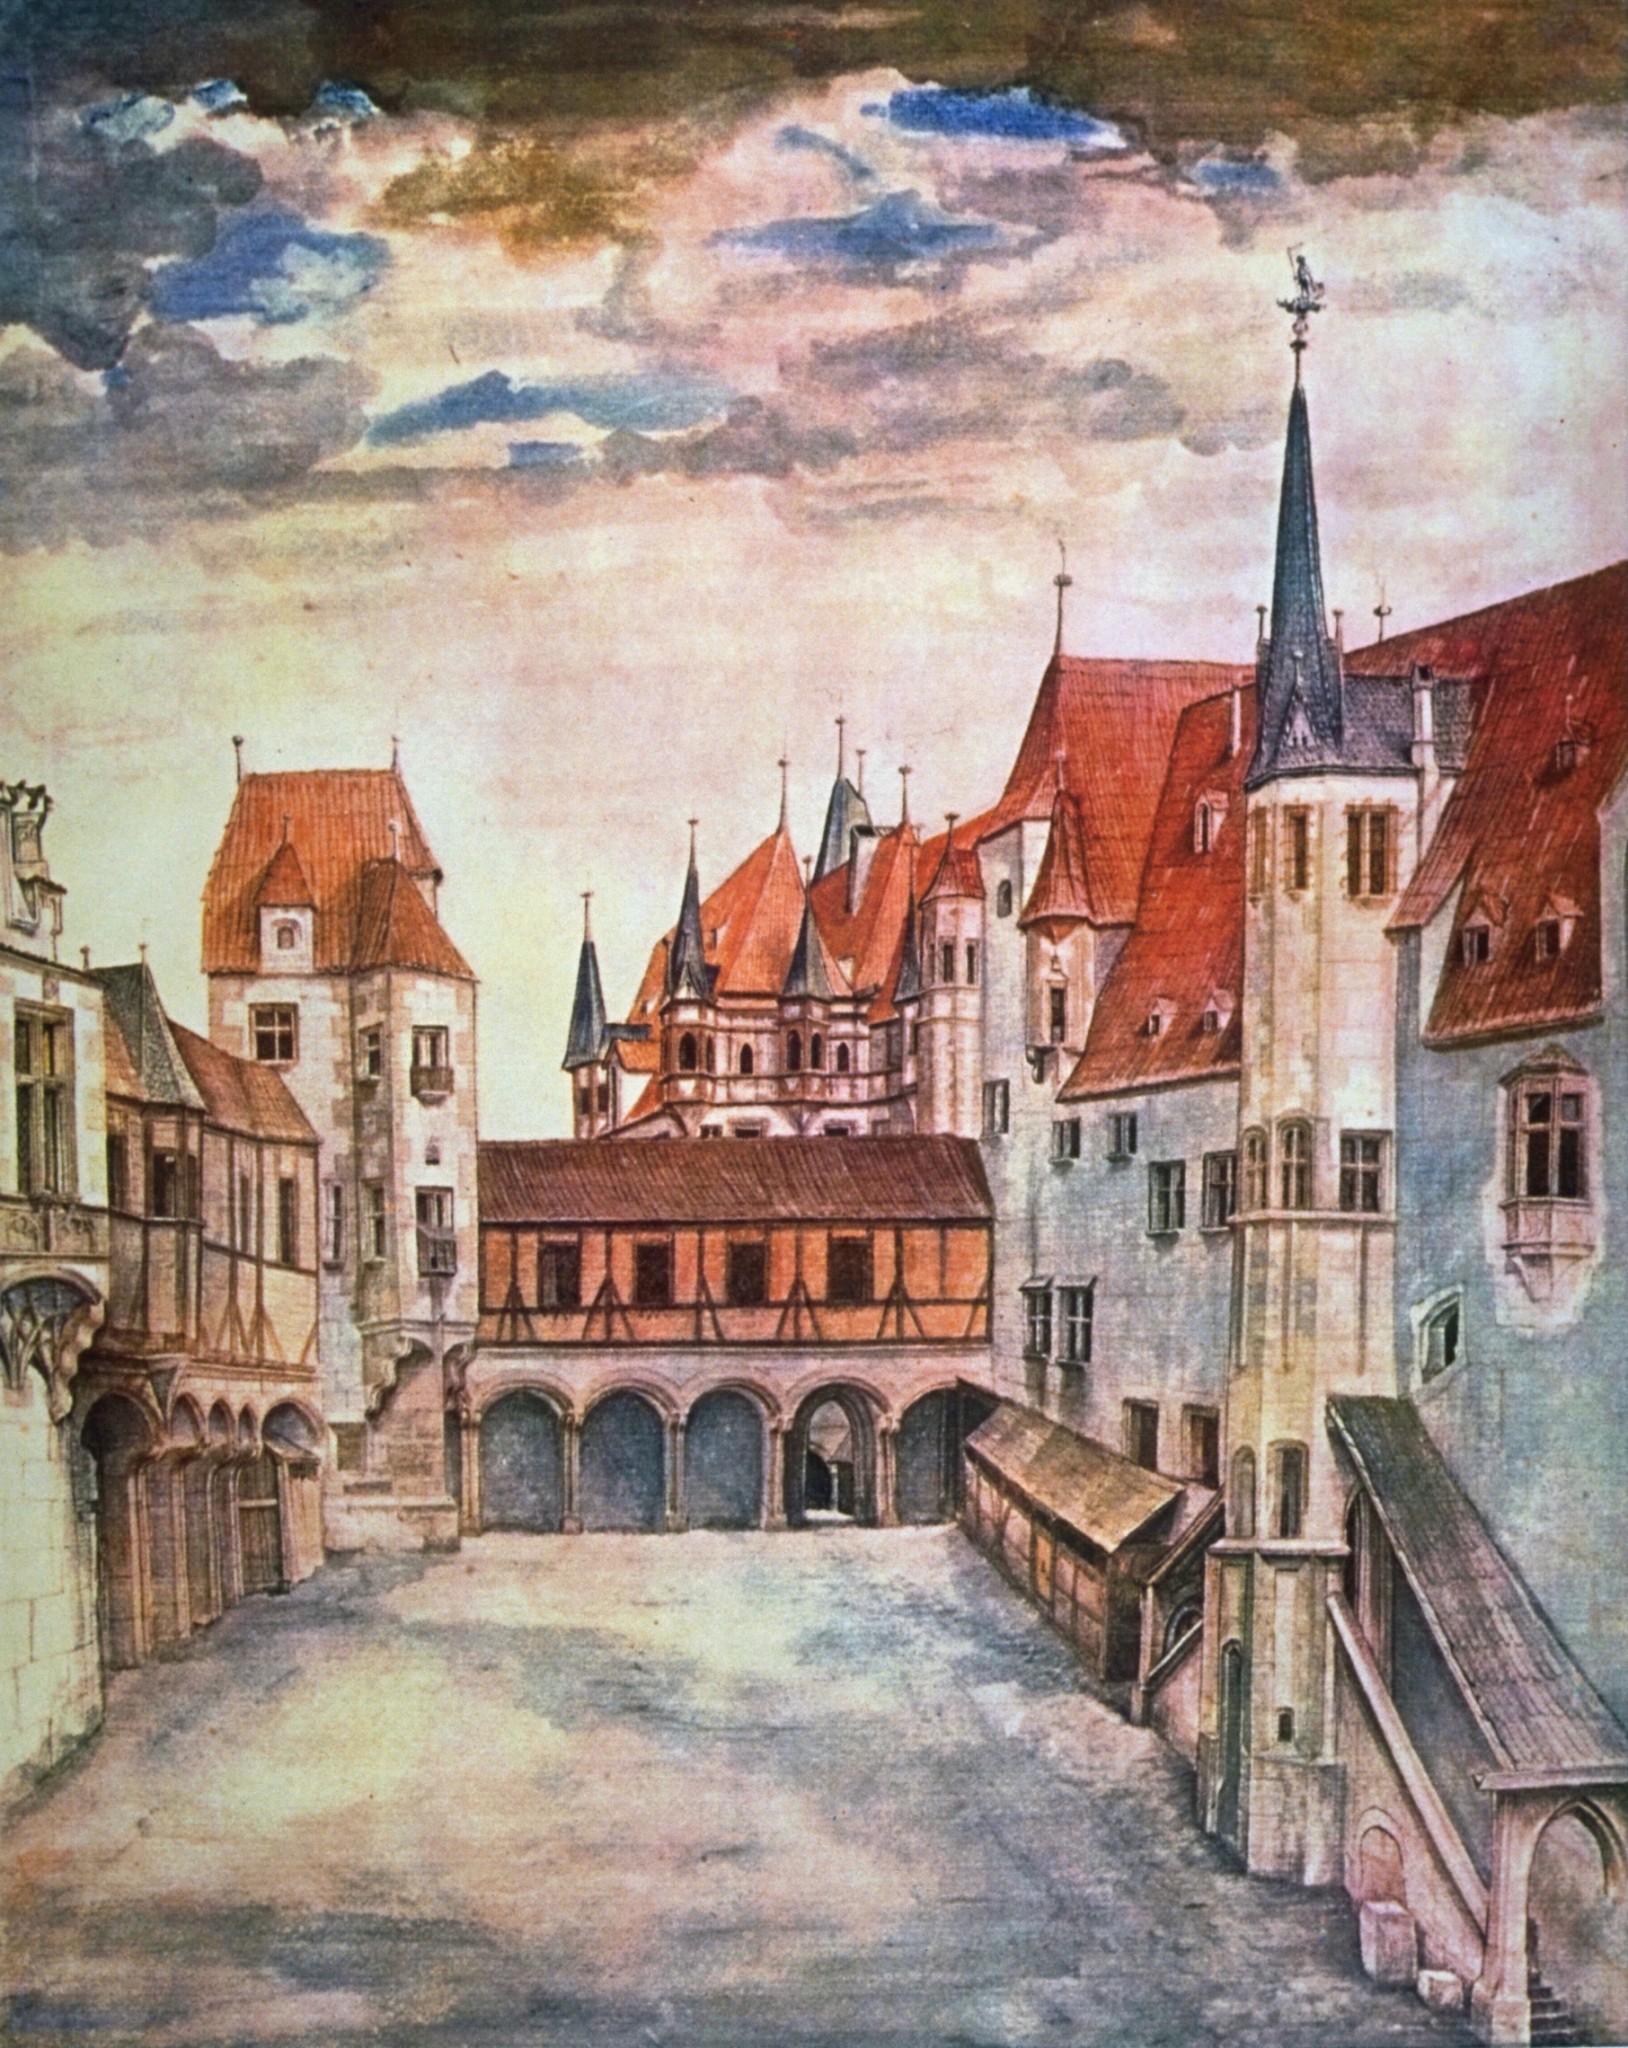 Картинки средневековья города, смешные открытки